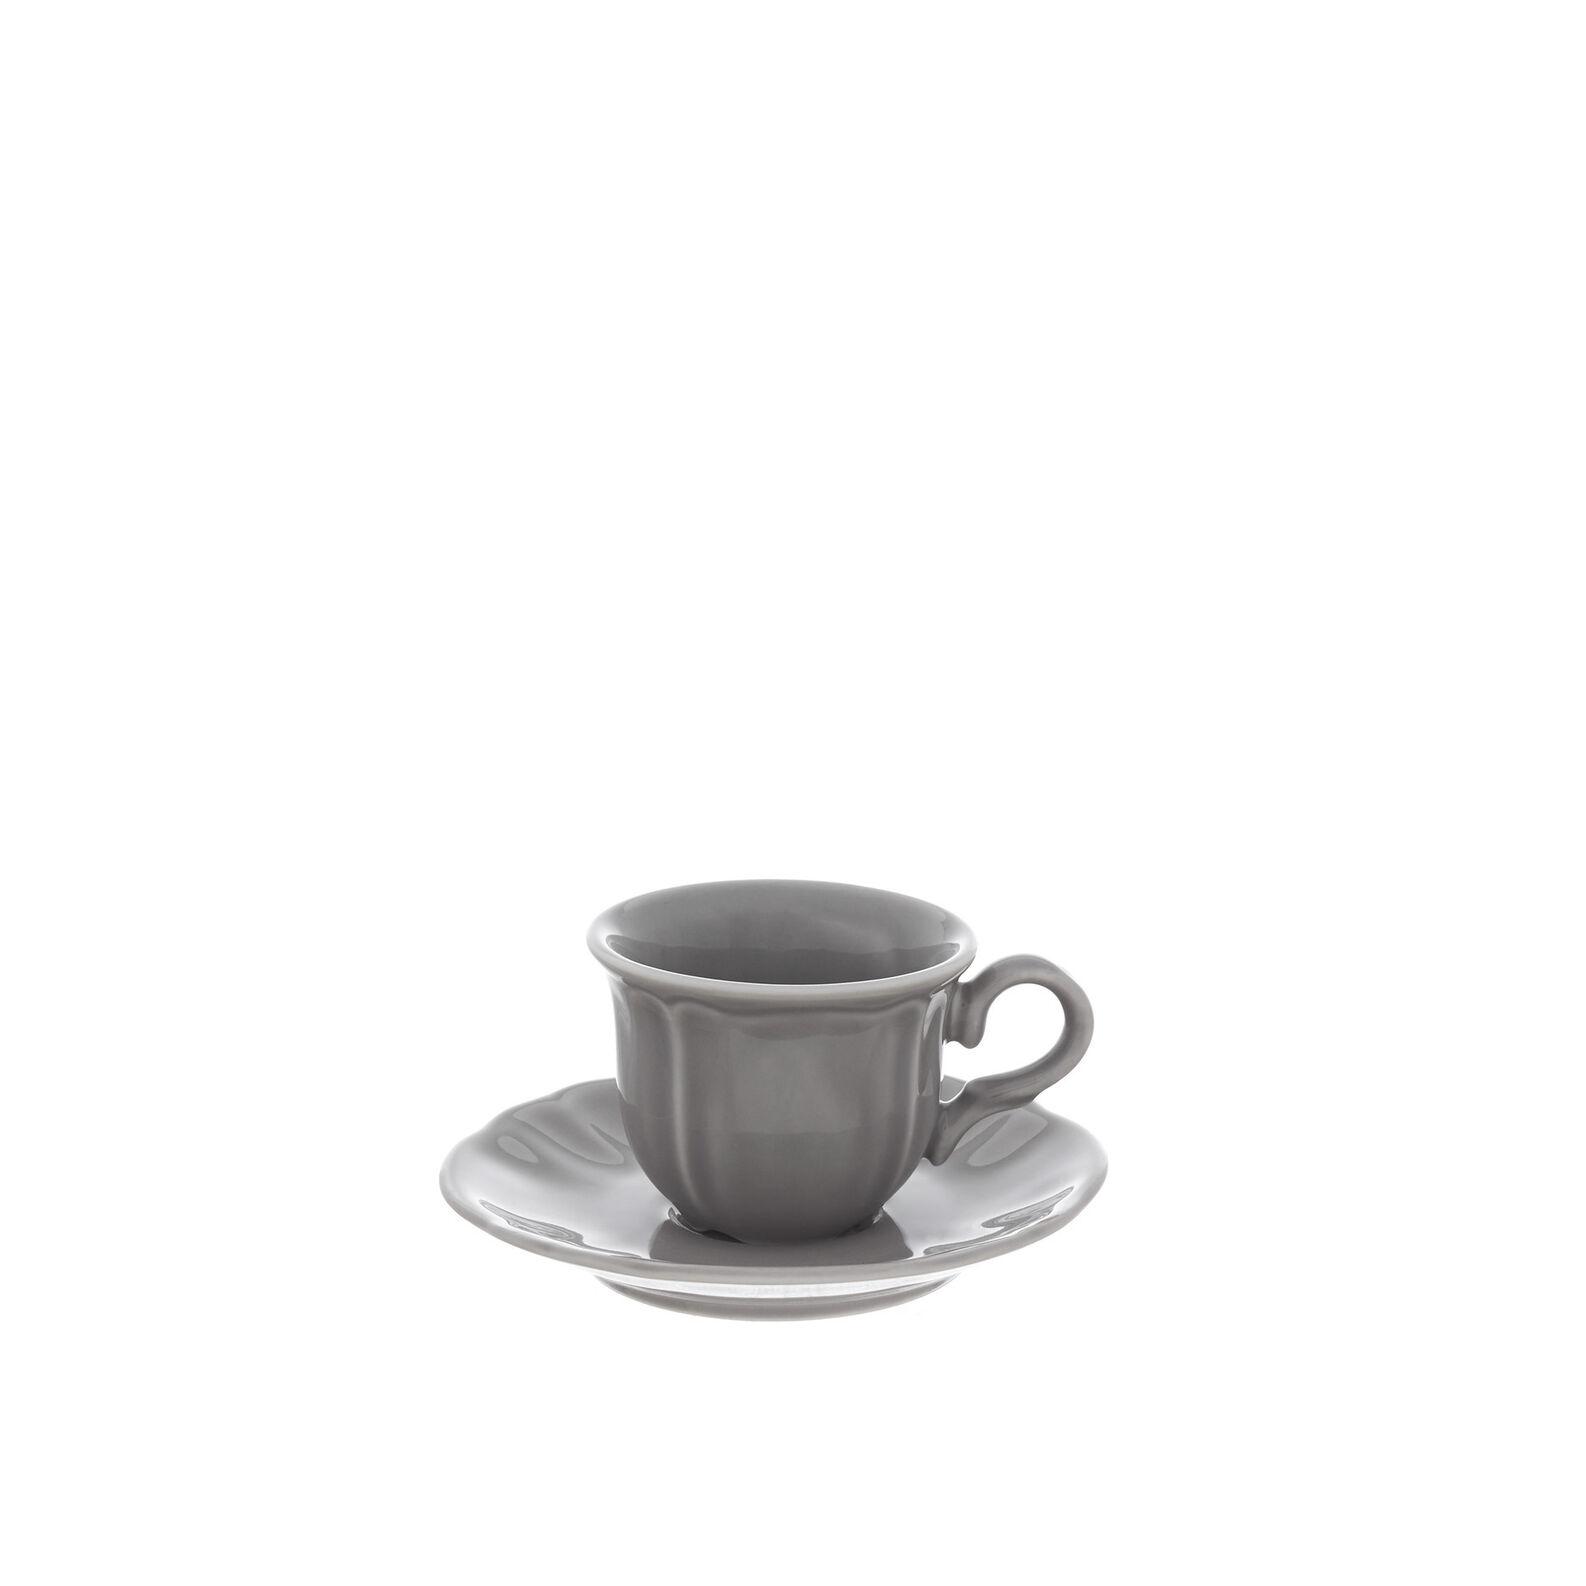 Tazzina da caffè porcellana smaltata Romantic